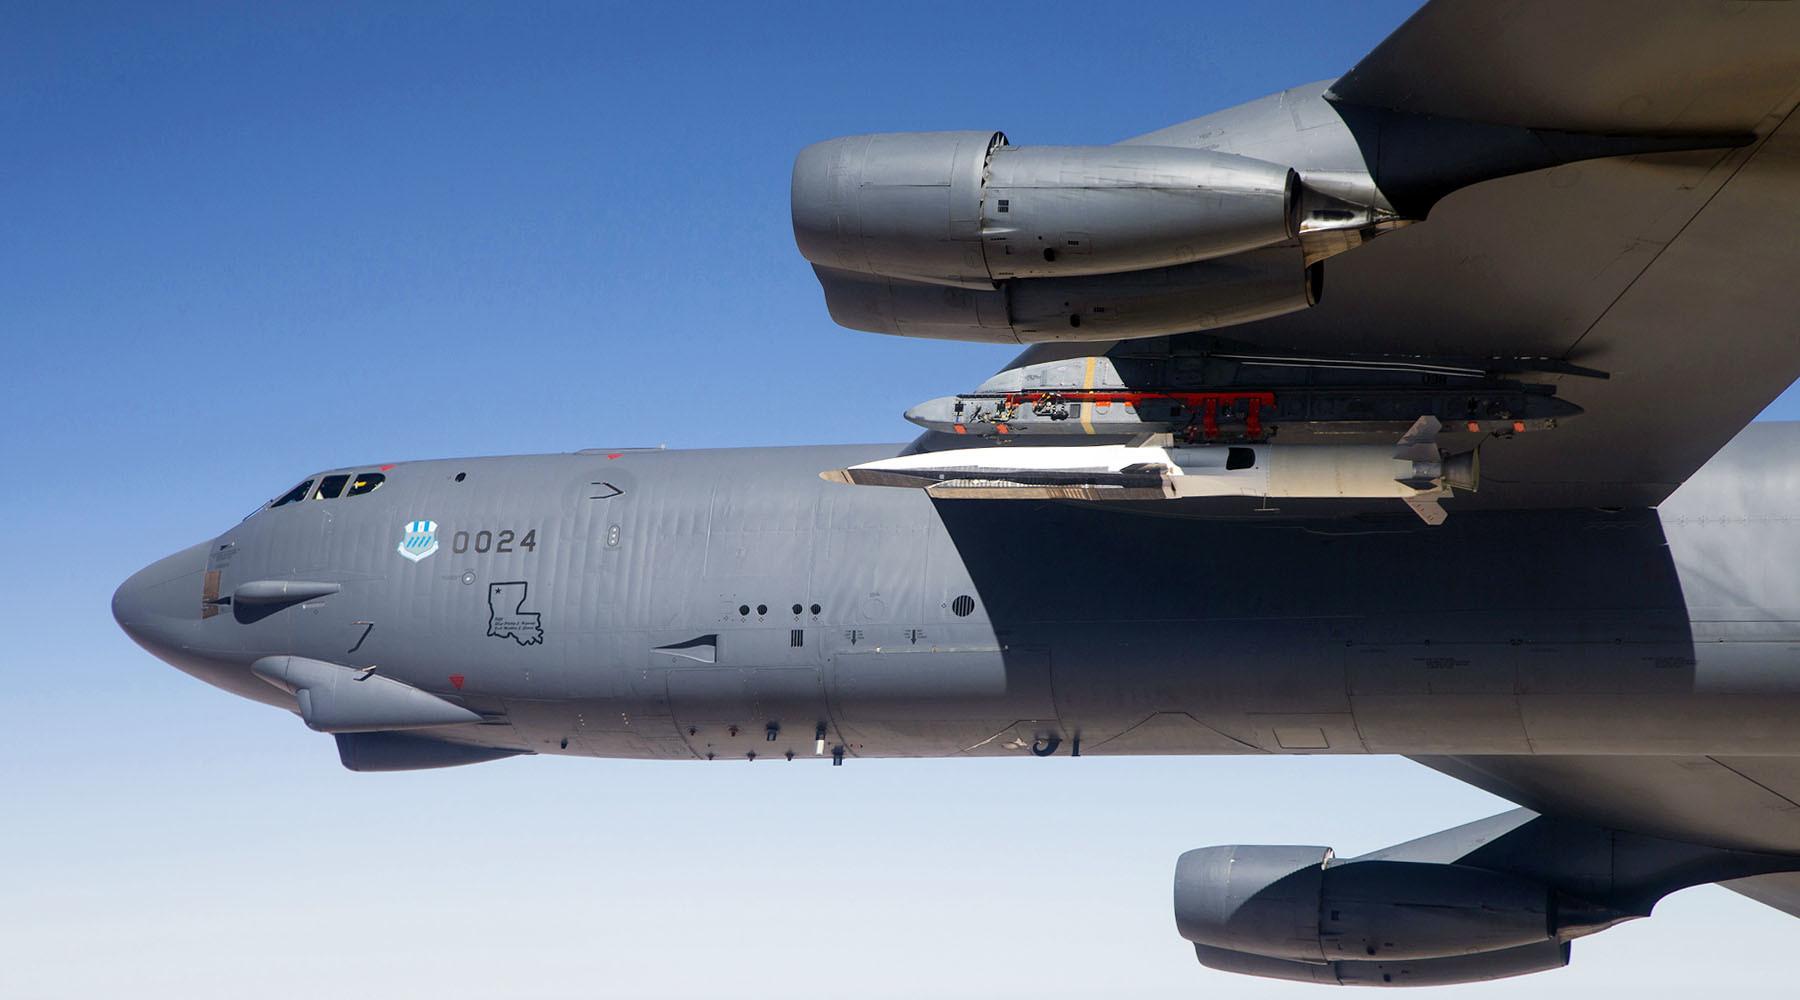 A Força Aérea convocou empresas com experiência na área, incluindo propulsão hipersônica aspirada contínua, tais como motores ramjet, scramjet ou motores híbridos.